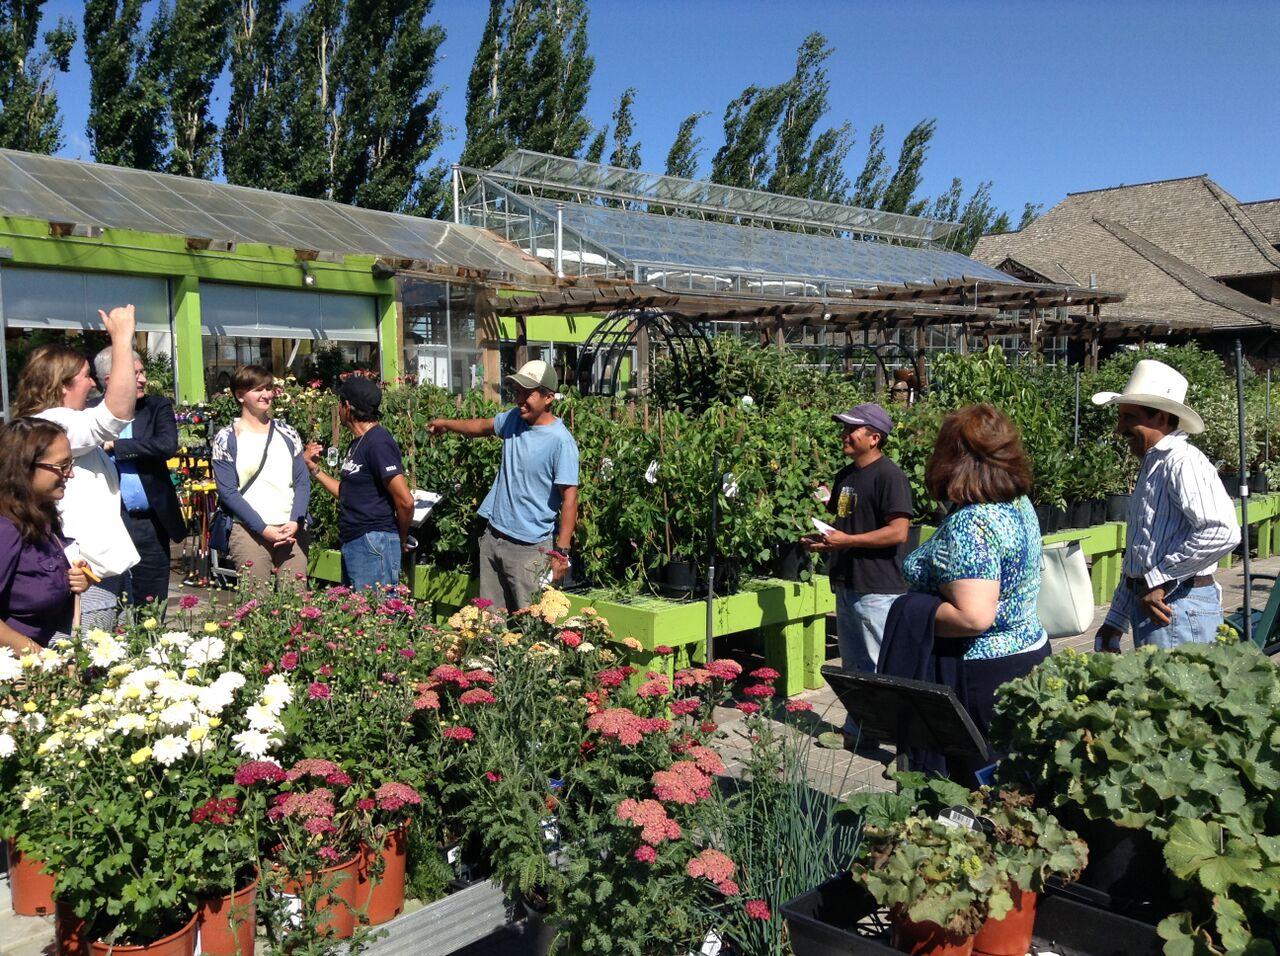 Foto 1 beneficiaarios del Programa de Trabajadores Agr colas Temporalesjpg